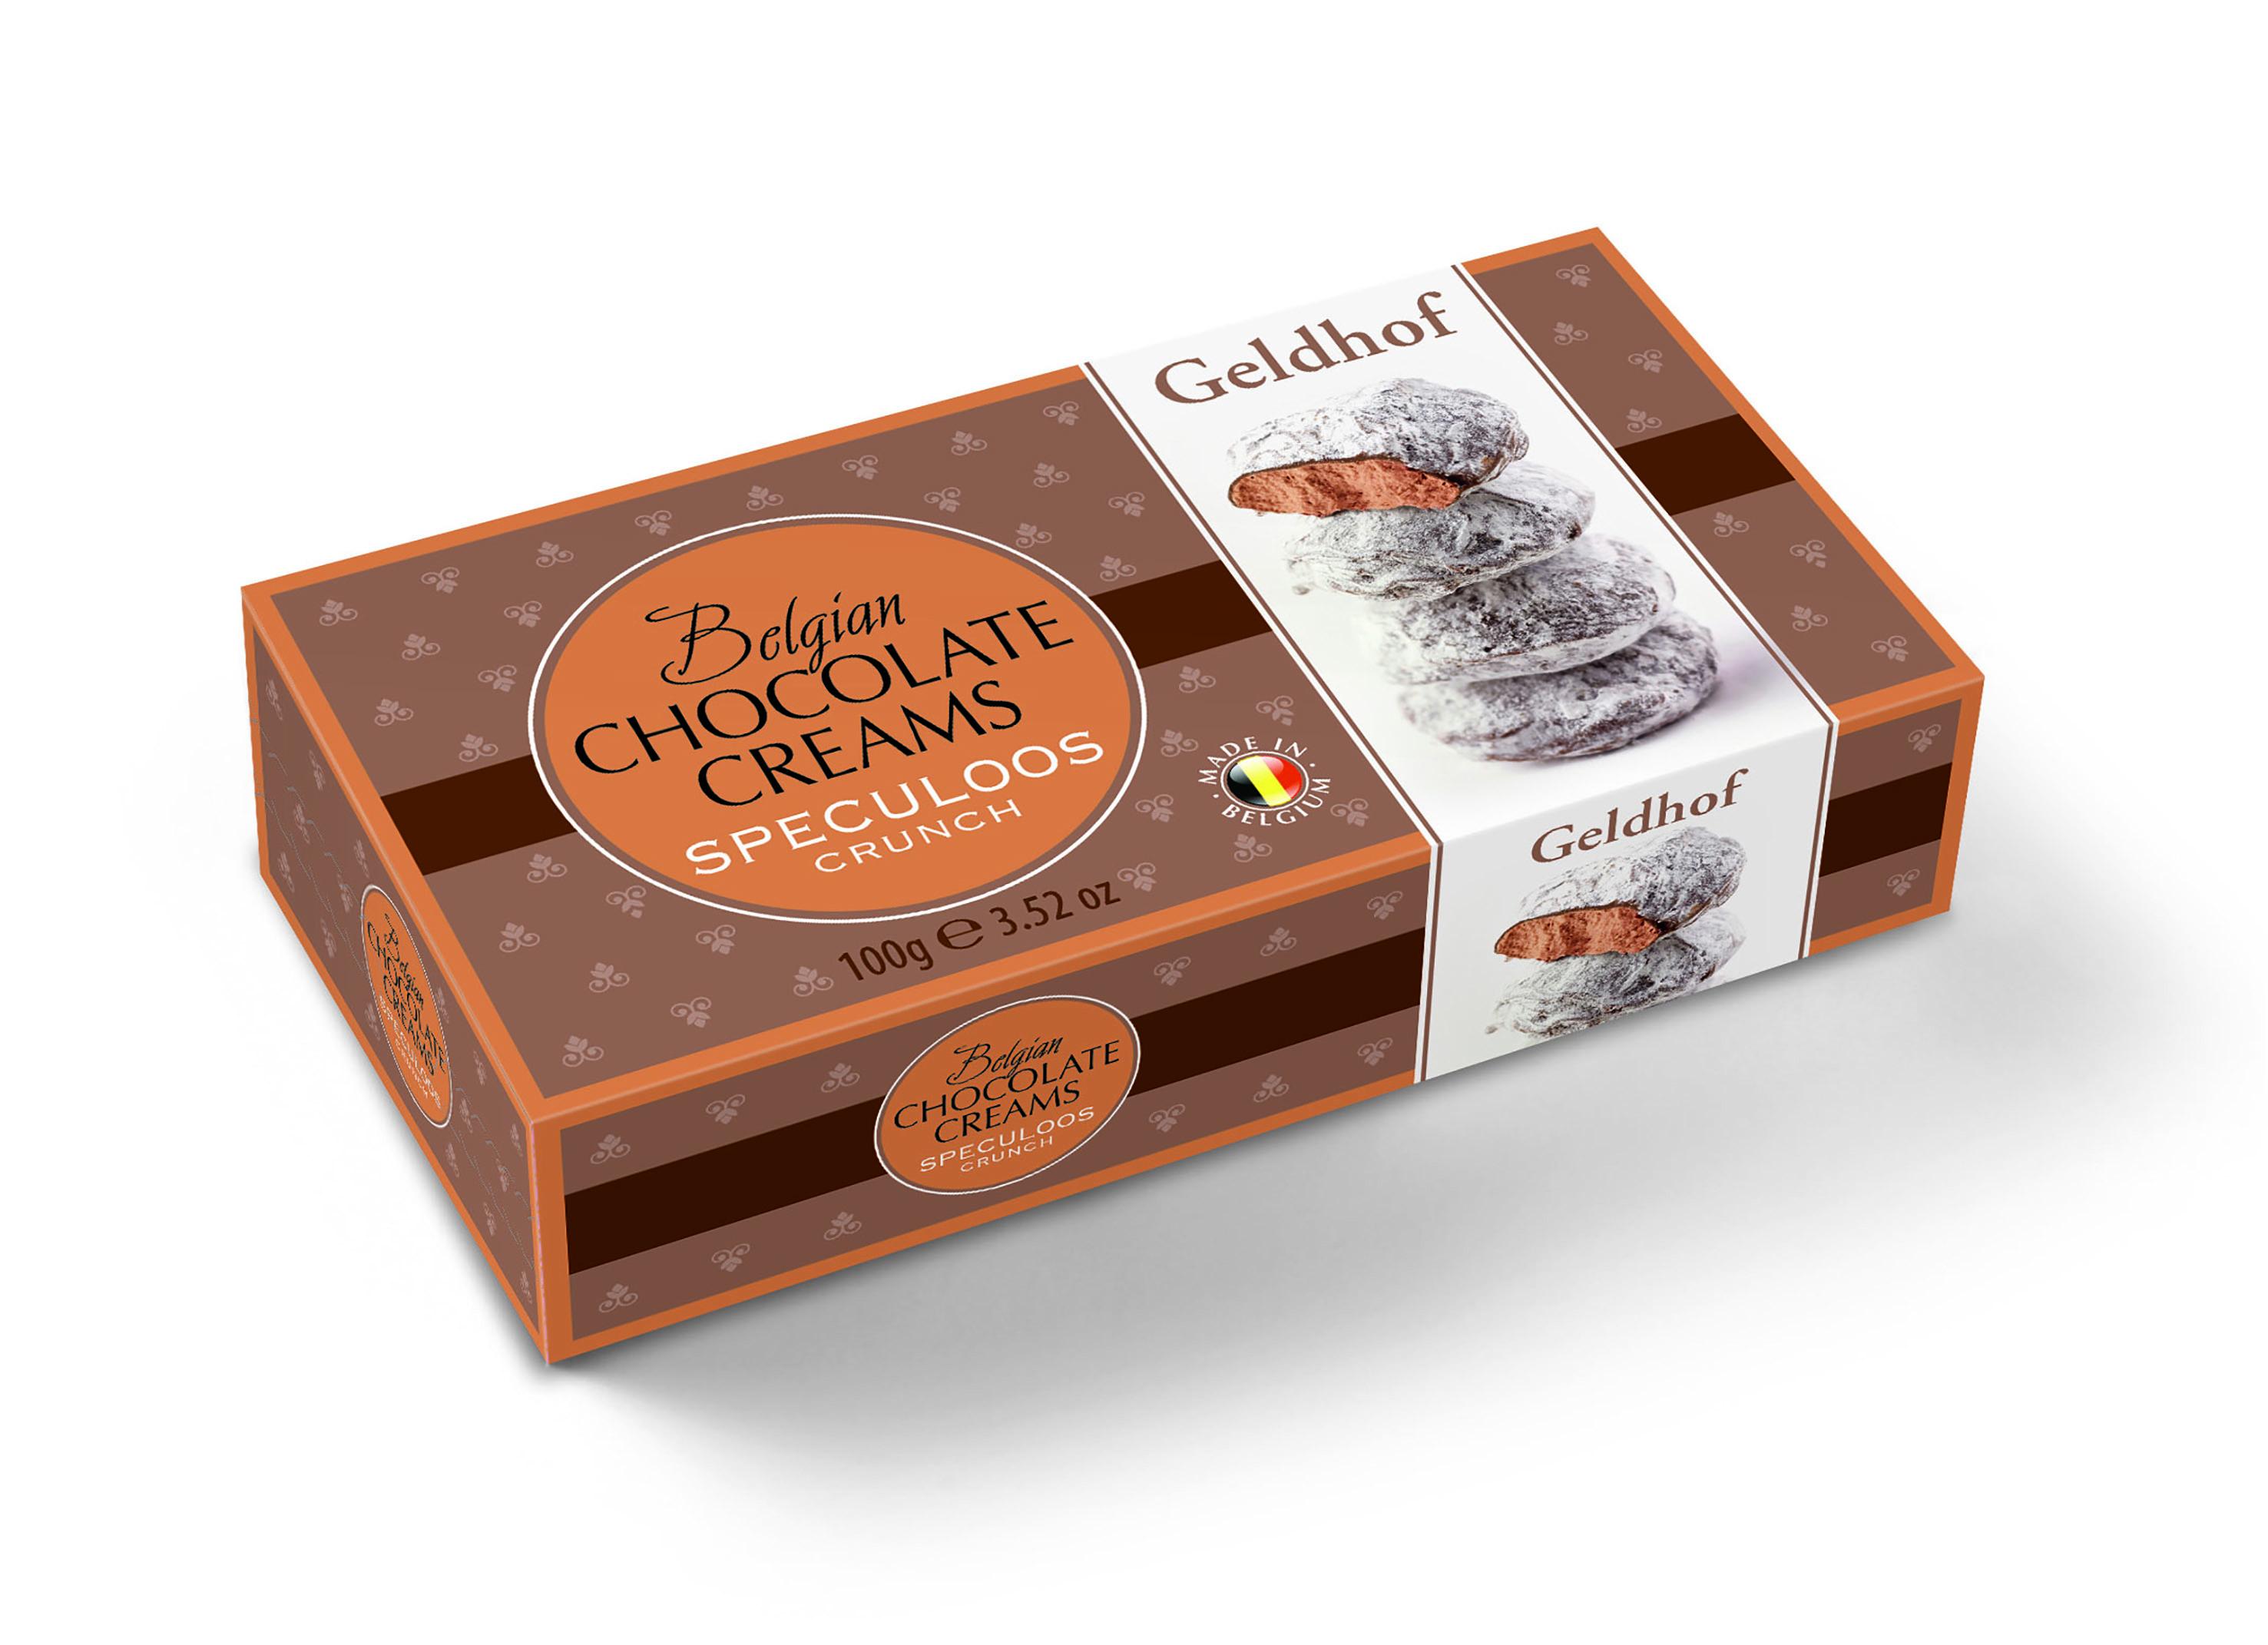 Суфле шоколадное с хрустящим печеньем Geldhof